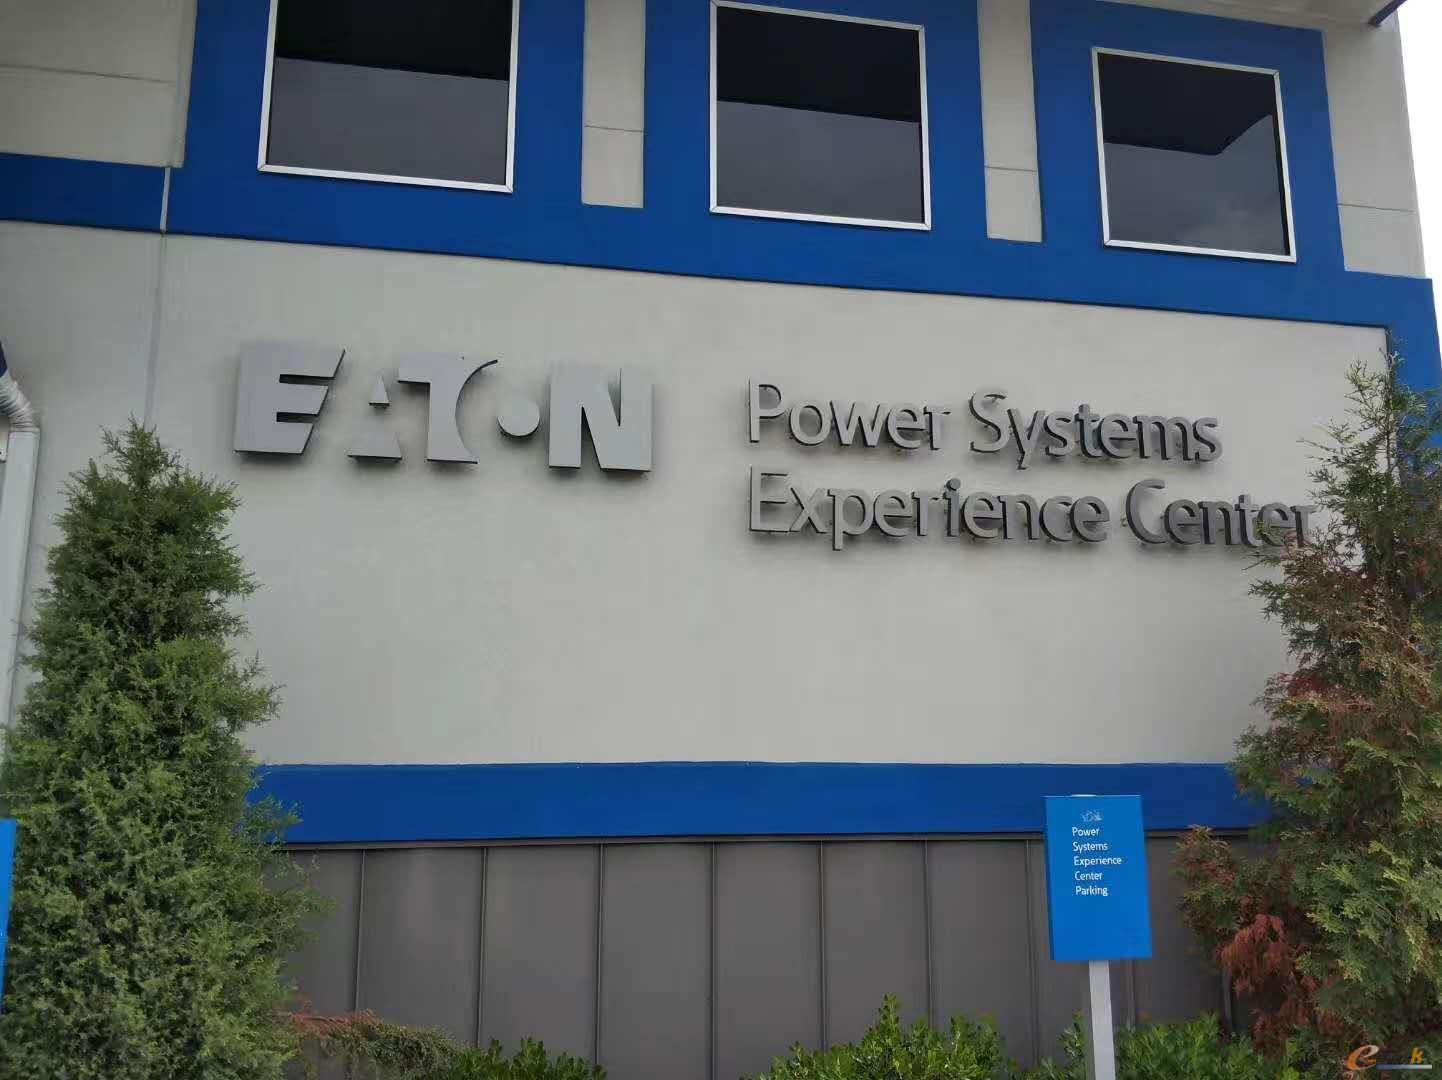 伊顿电气能源系统体验中心